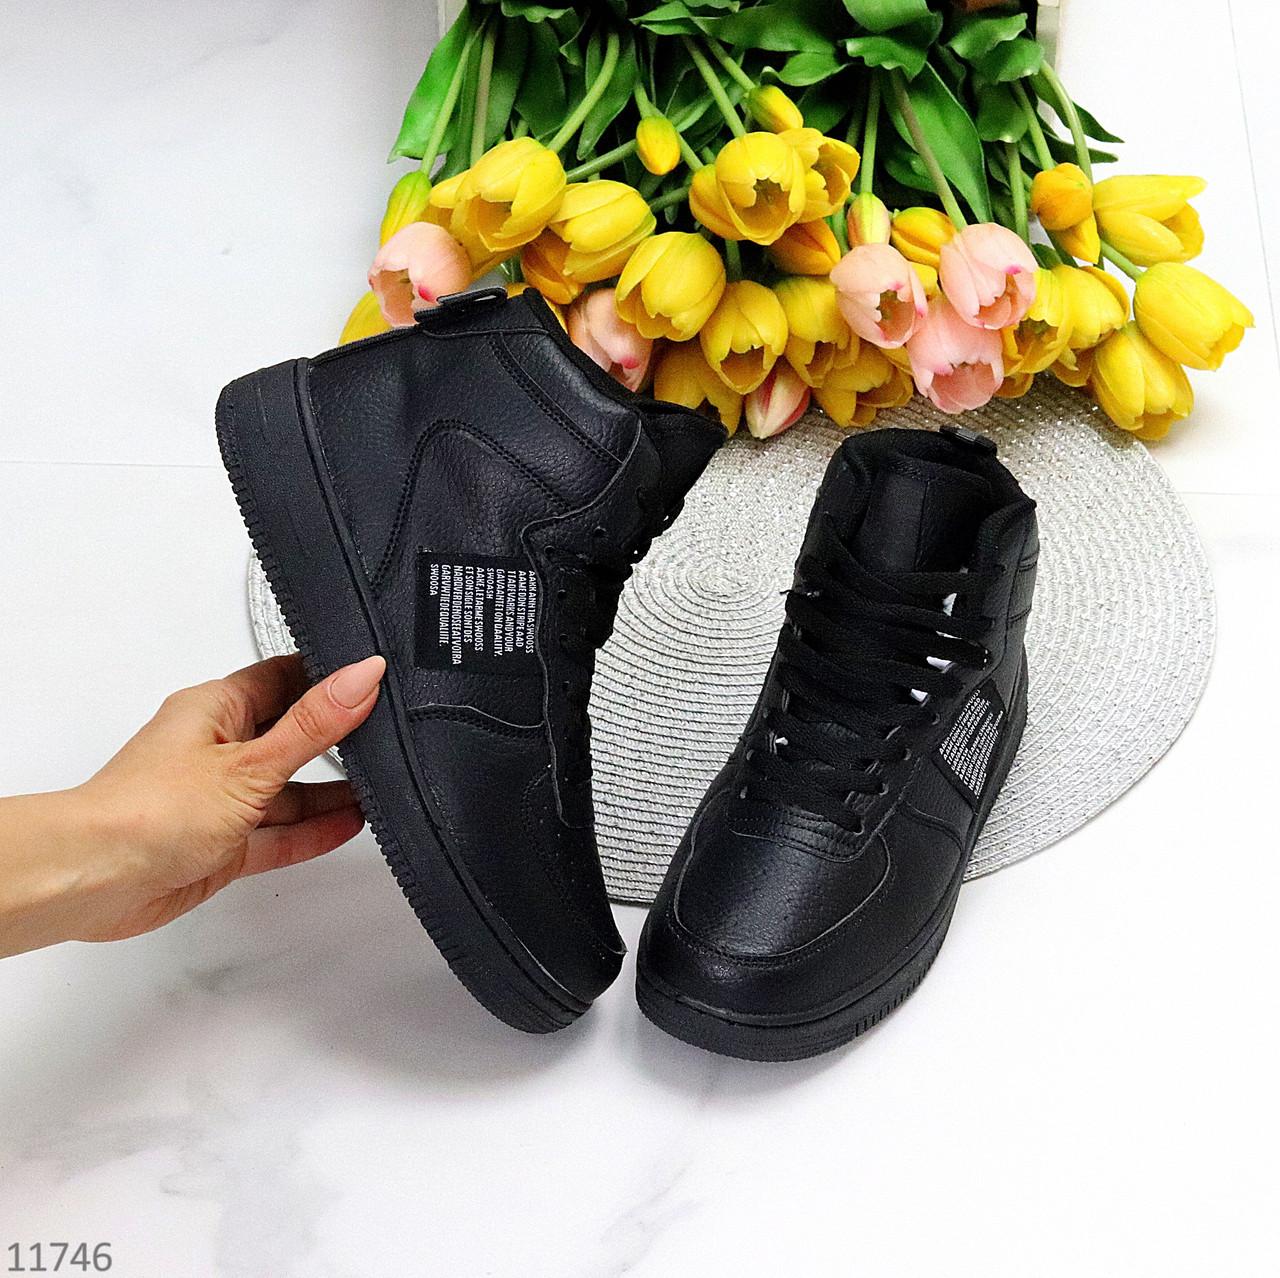 Зимові чорні жіночі спортивні черевики кеди на шнурівці в асортименті